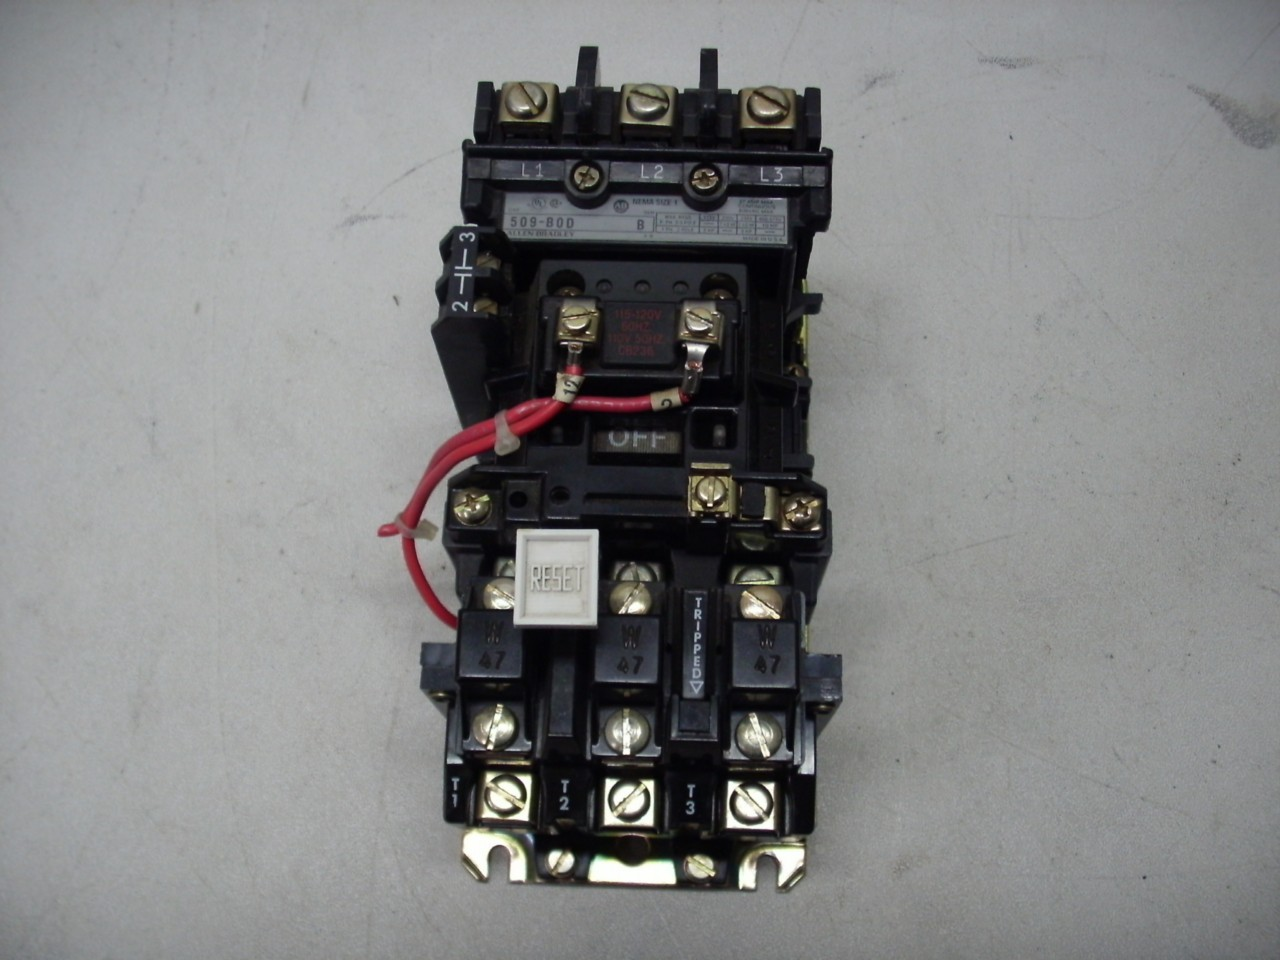 03 0211 motor starter size 1 allen bradley for Allen bradley manual motor starter